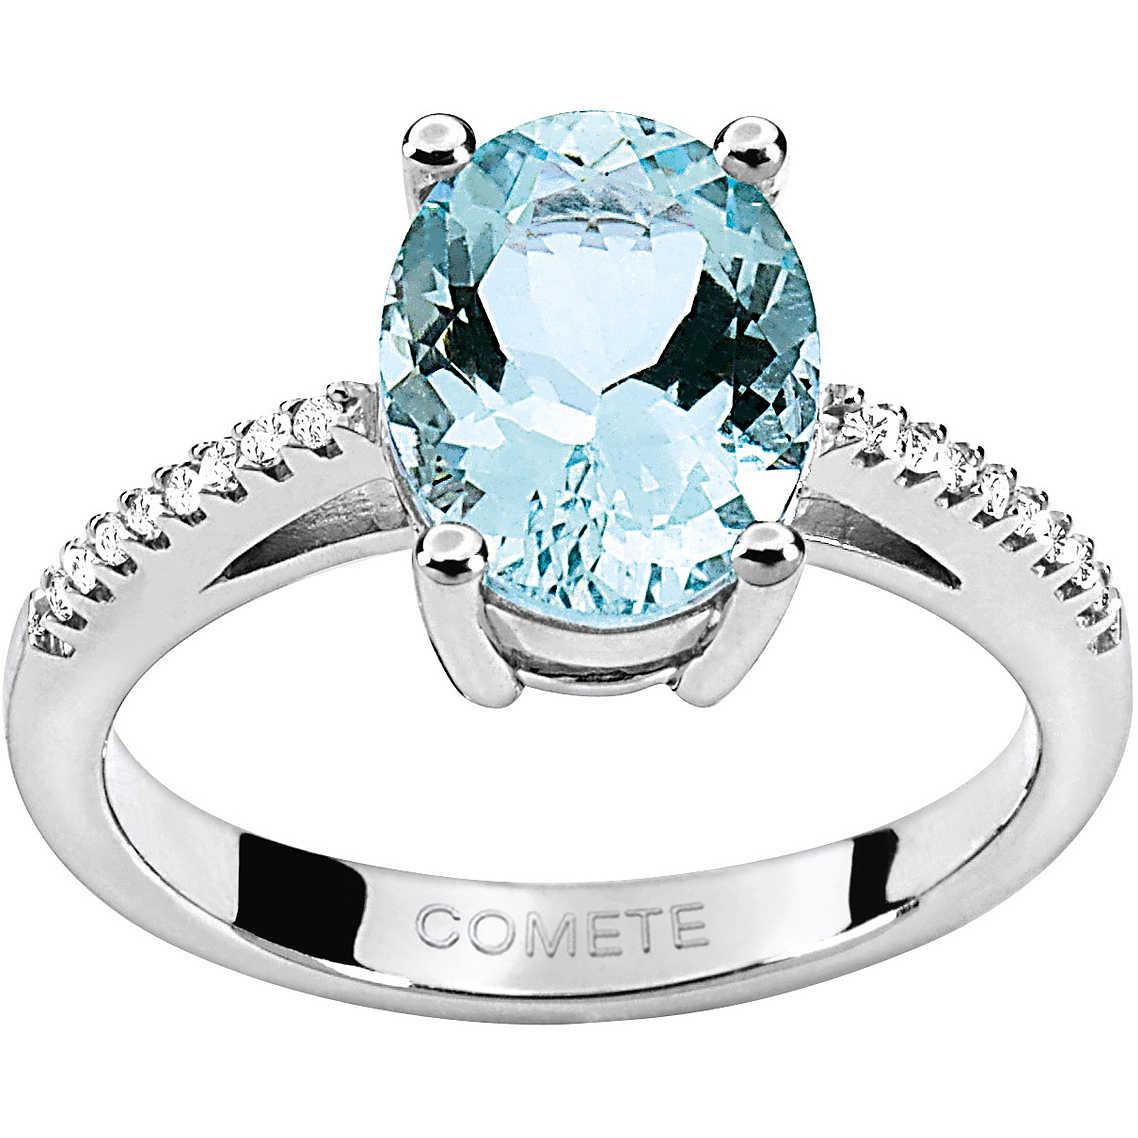 Super anello donna gioielli Comete Pietre preziose colorate ANQ 257  OG32